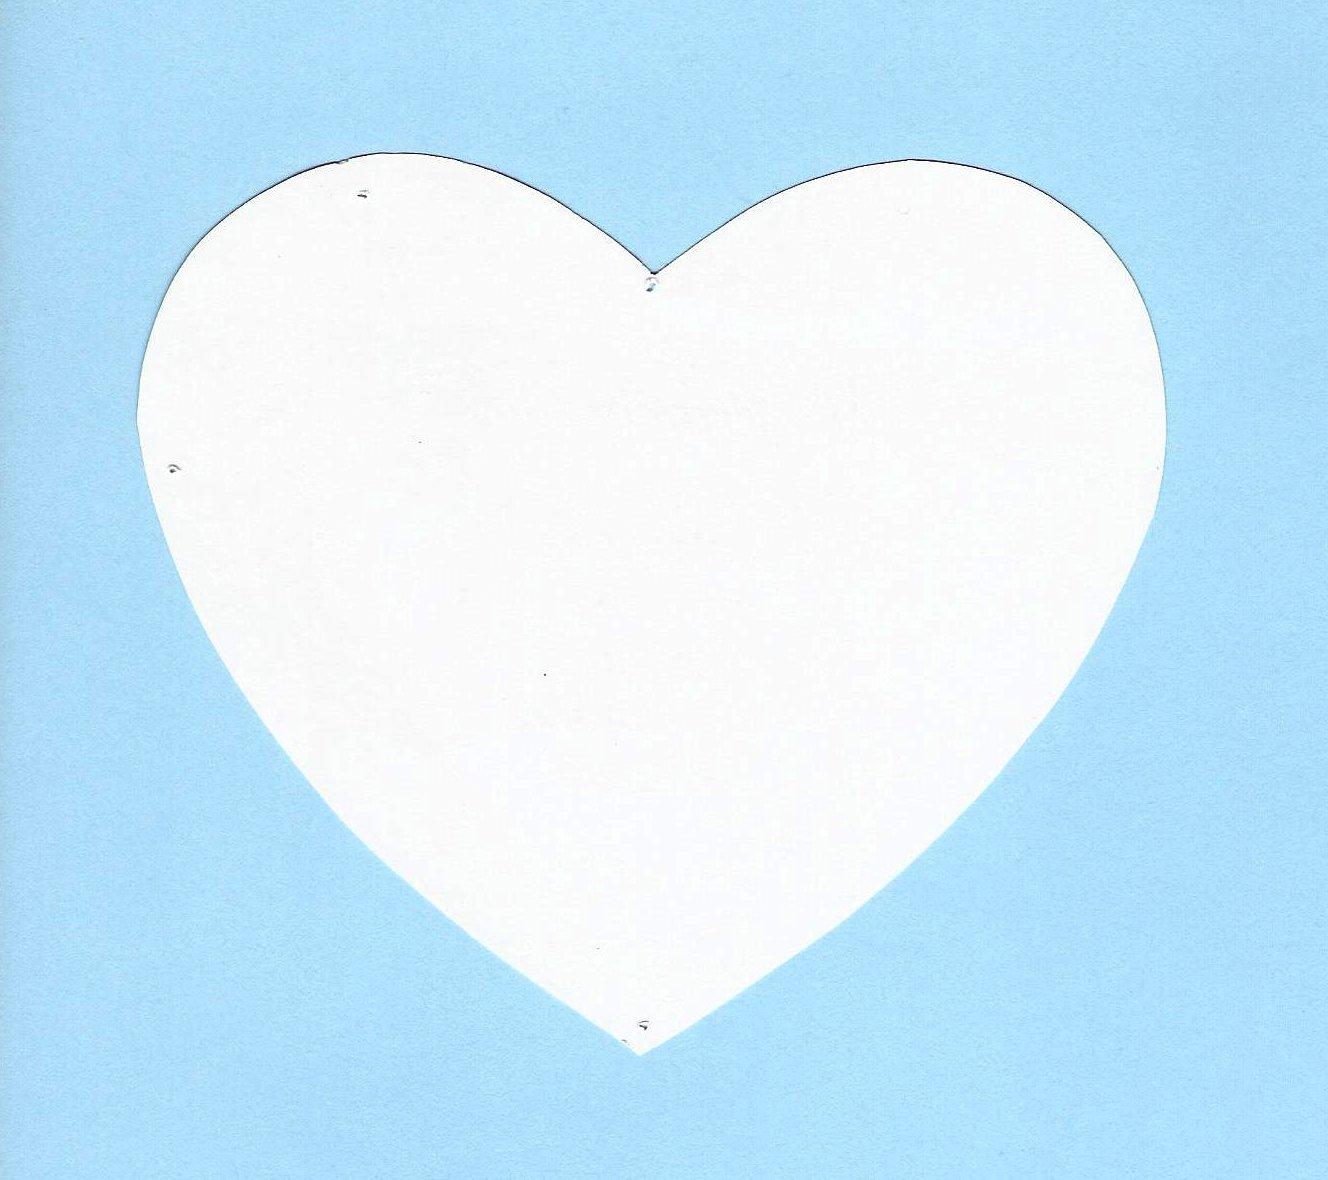 Dessin coeur amour etoile ciel jpg pour imprimer le coloriage tattoo pictures - Deco en forme de coeur ...